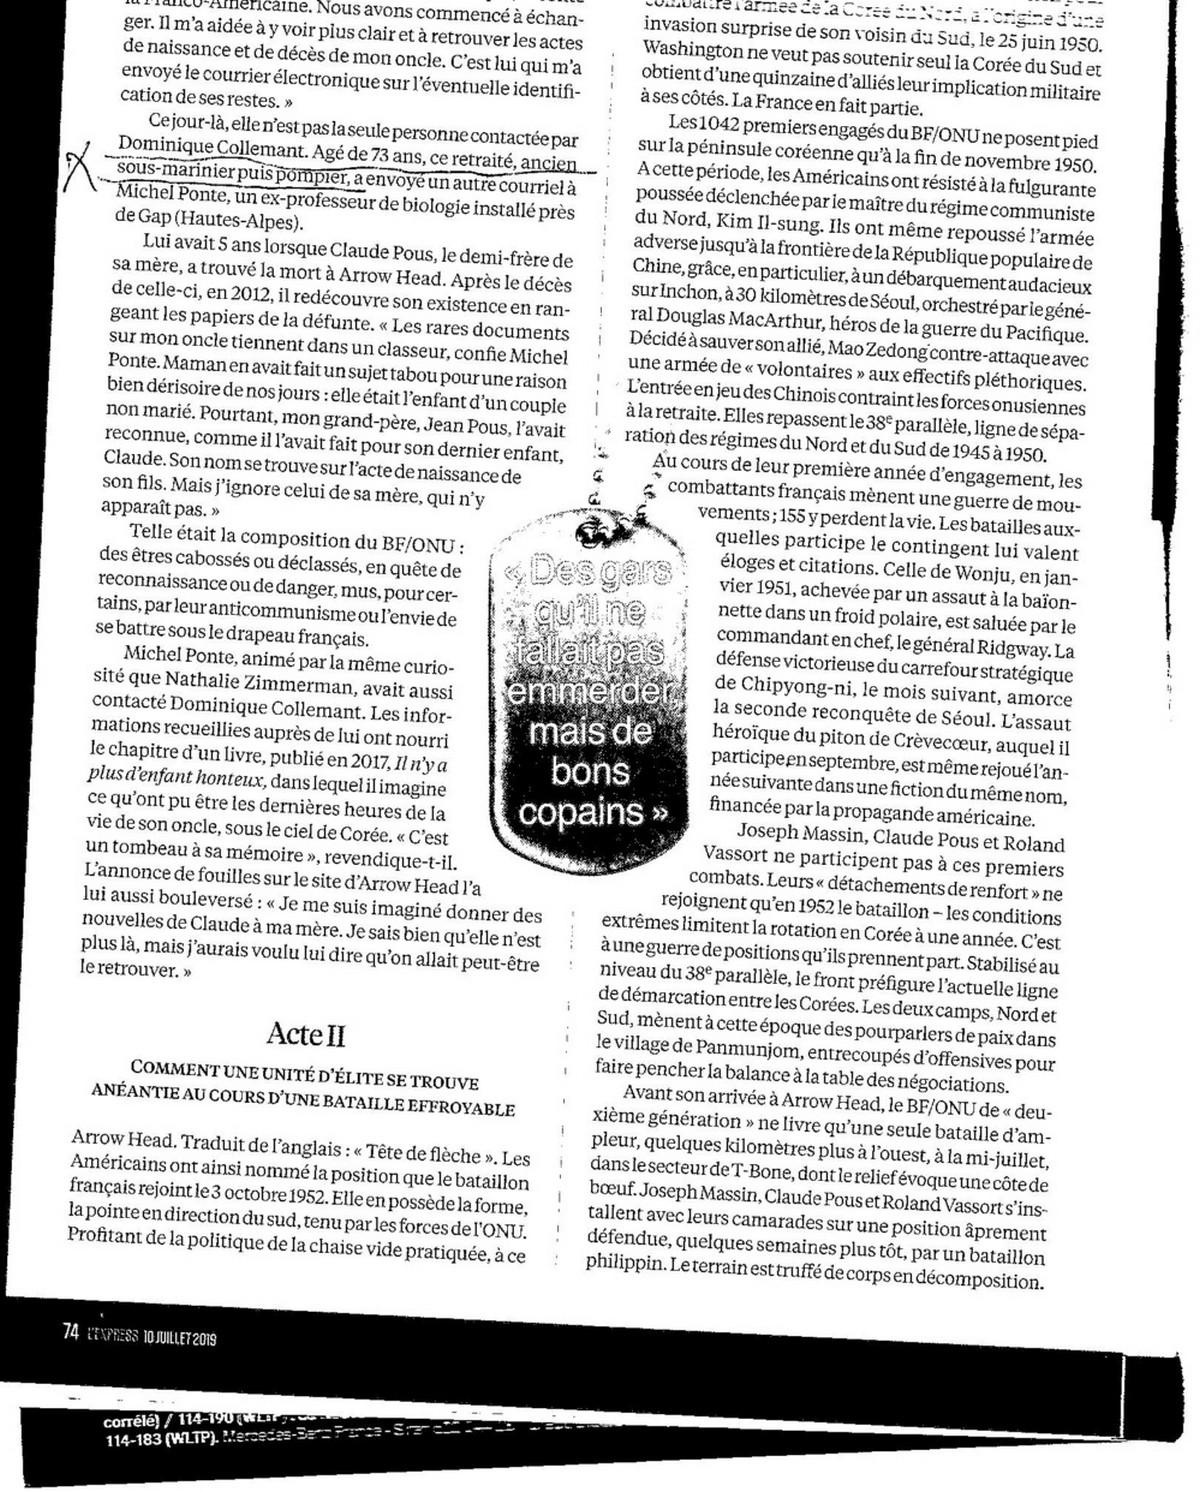 [OPÉRATIONS DE GUERRE] GUERRE DE CORÉE - TOME 2 - Page 13 Scan_a11